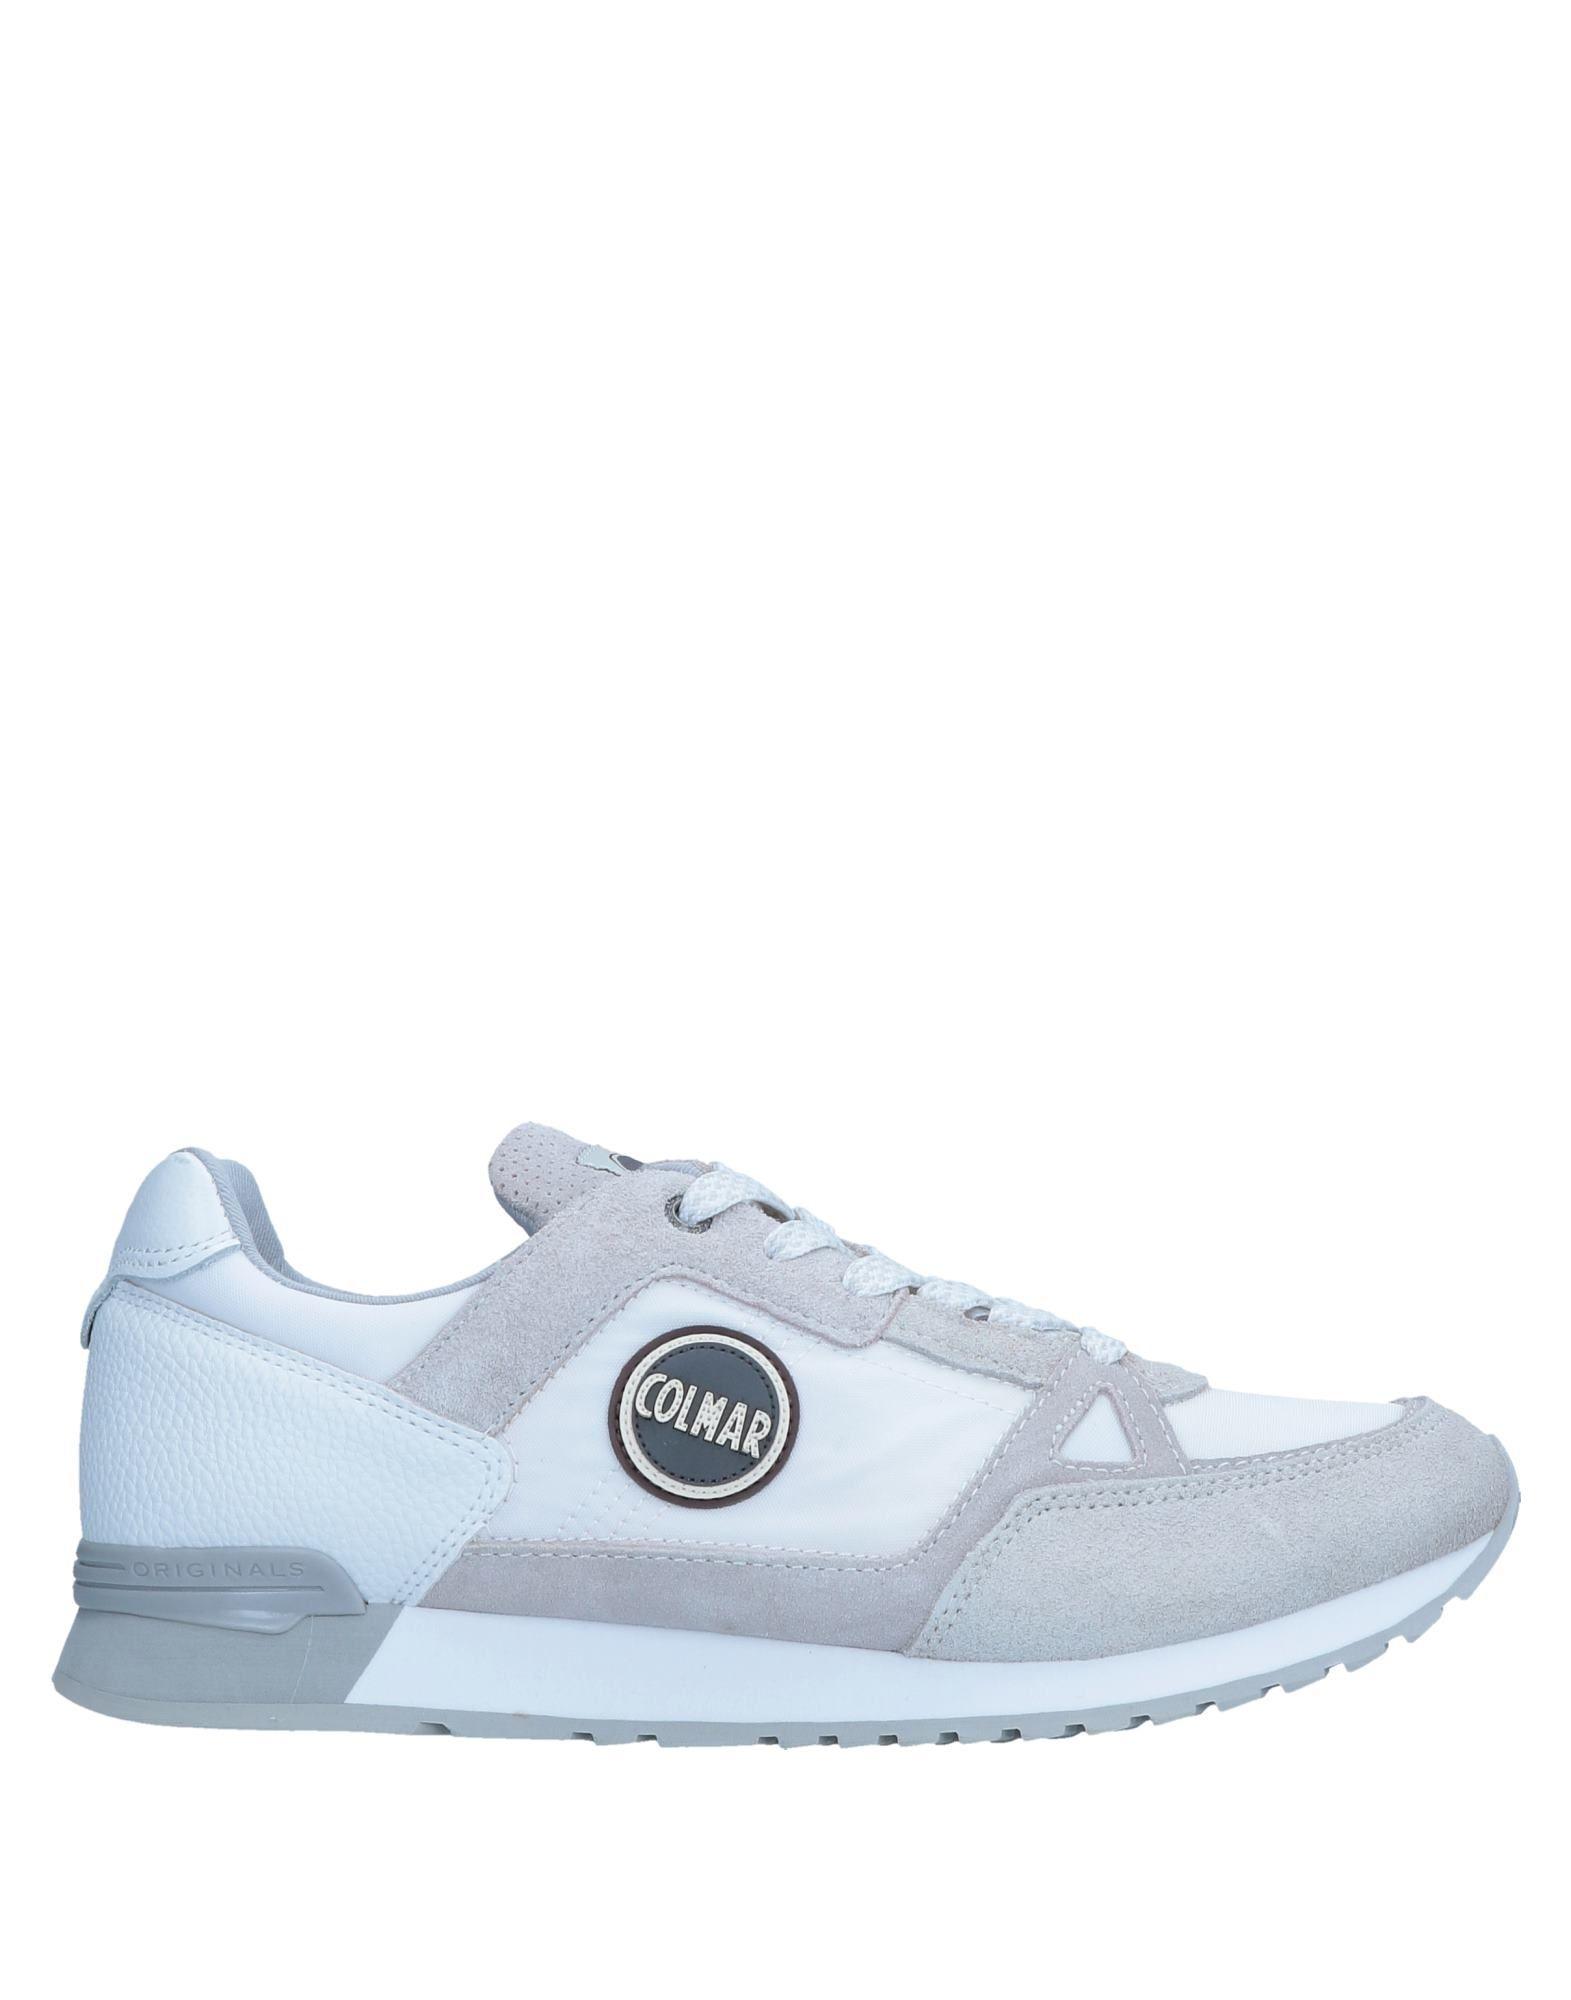 Colmar Sneakers Herren  11552802OF